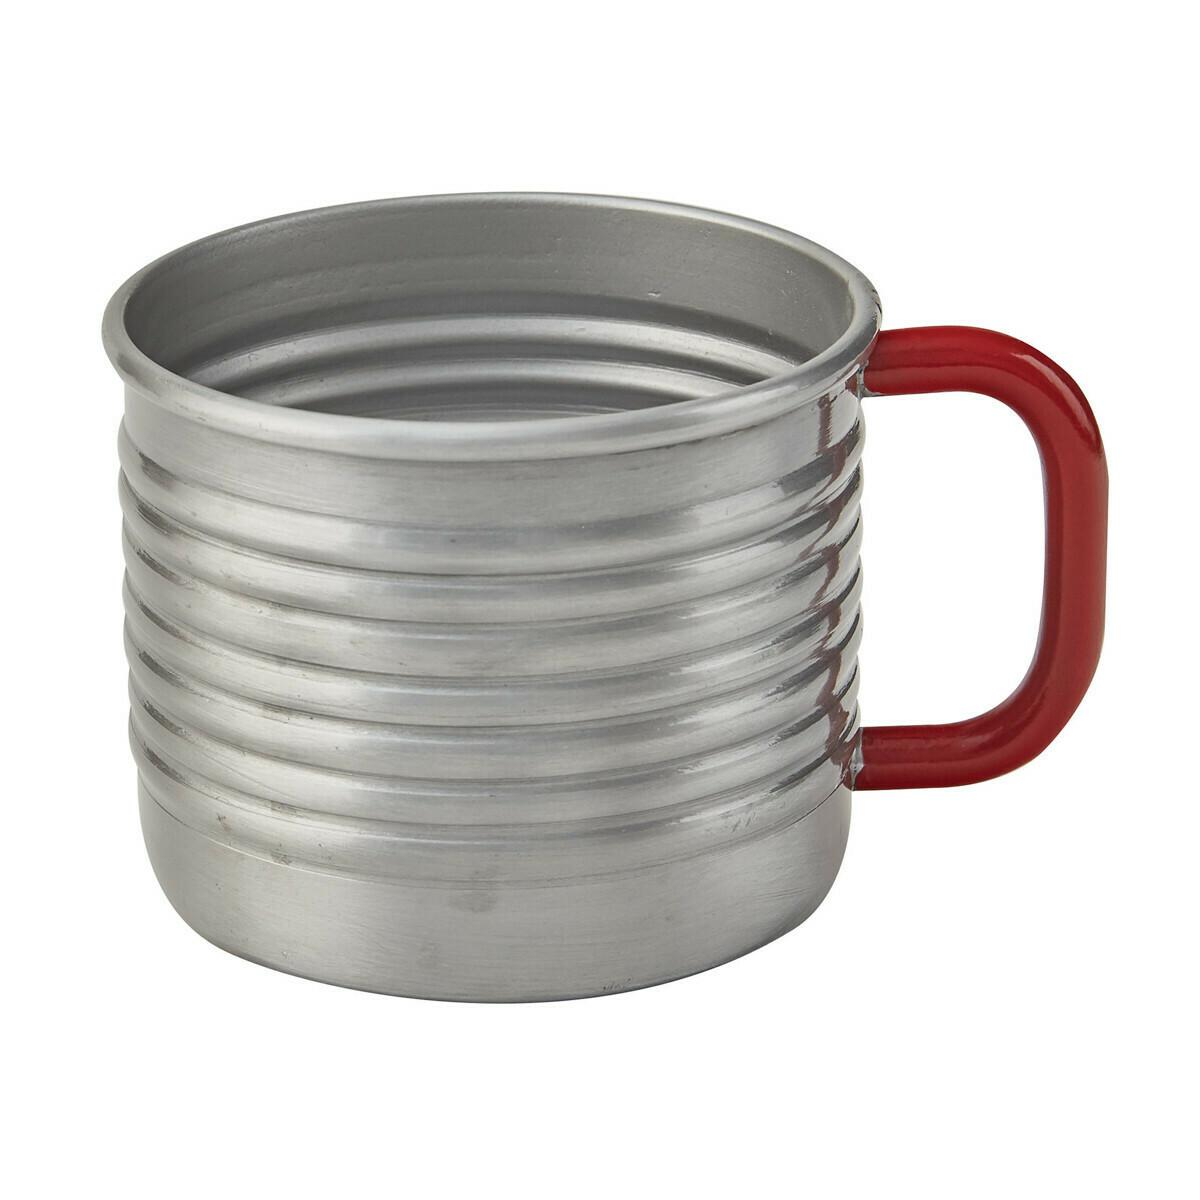 Vintage Thermos Mug